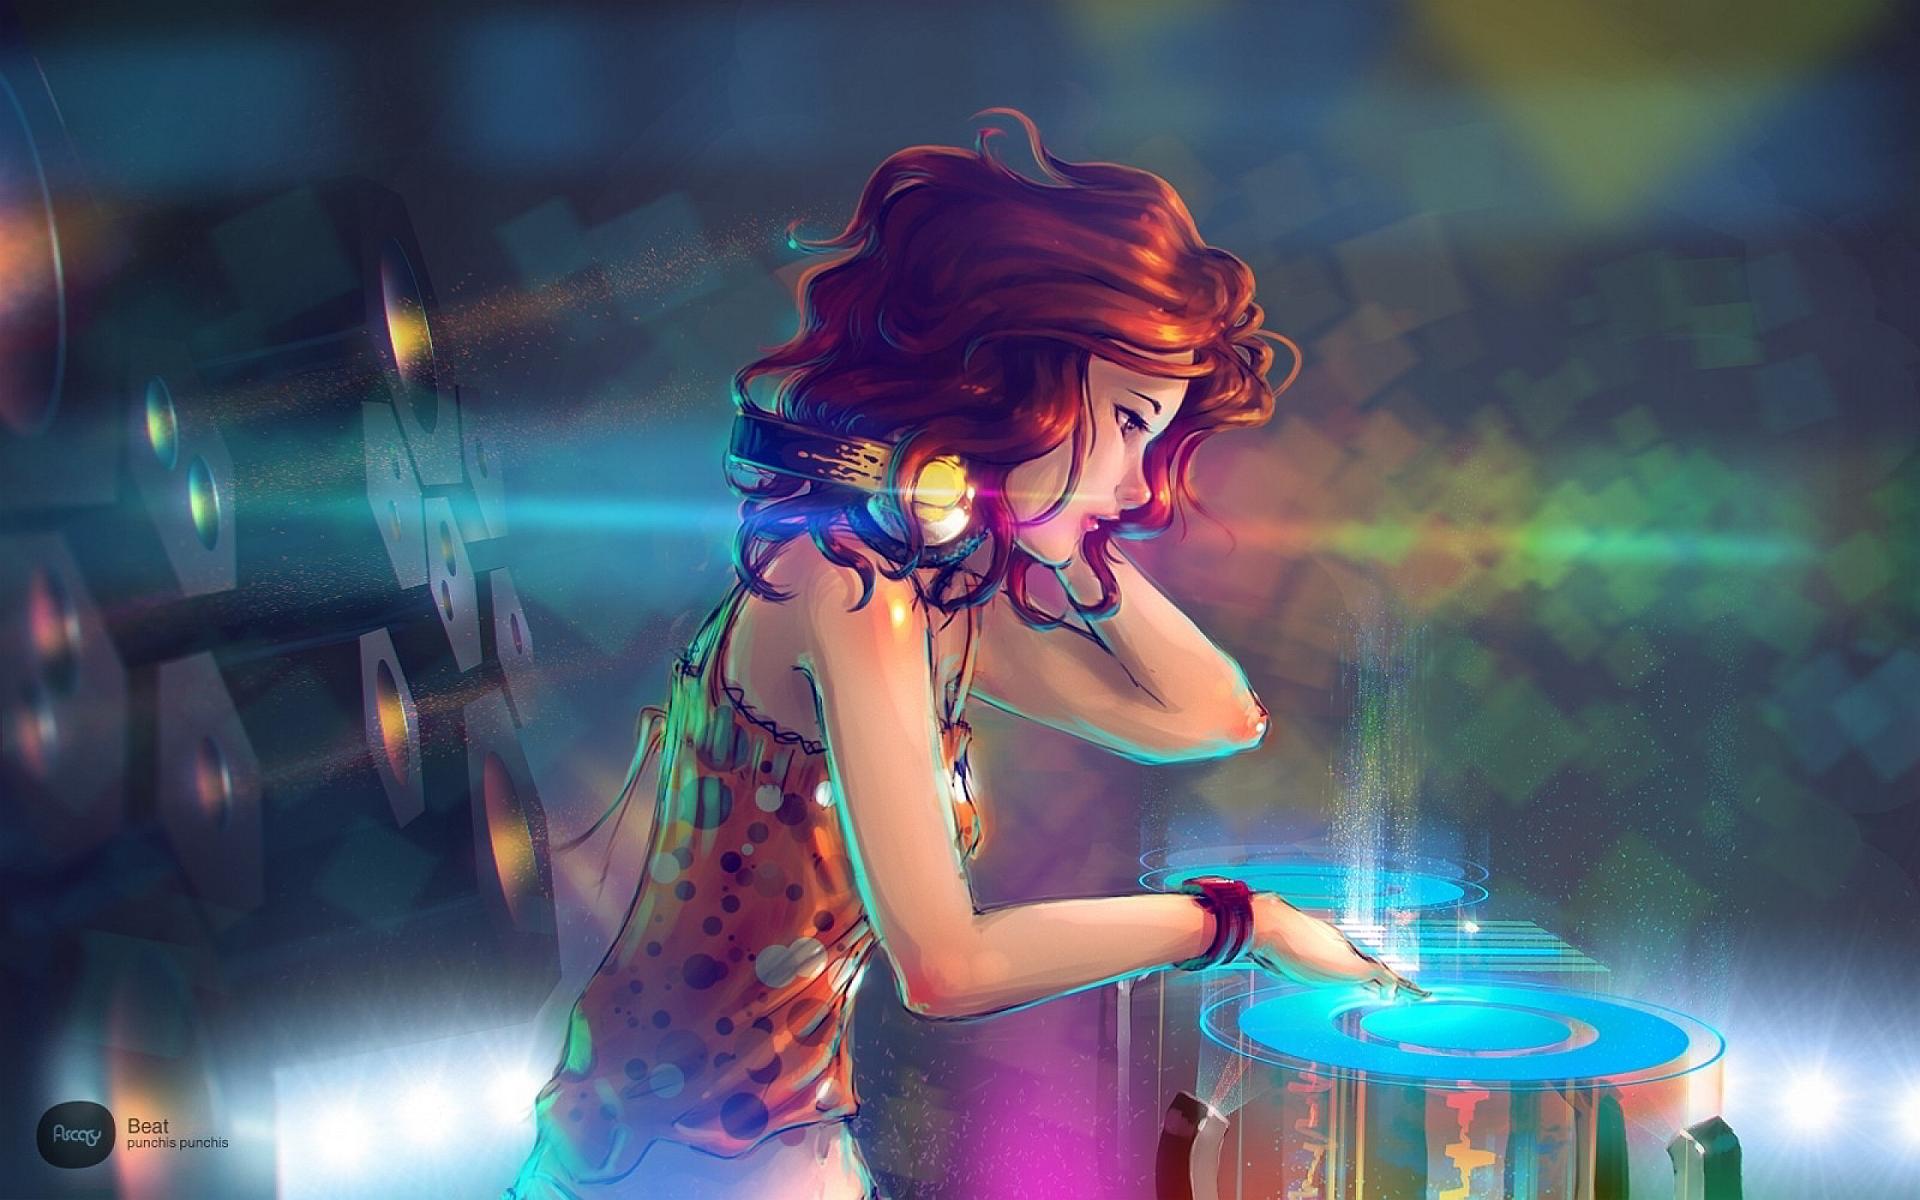 Redhead dj girl